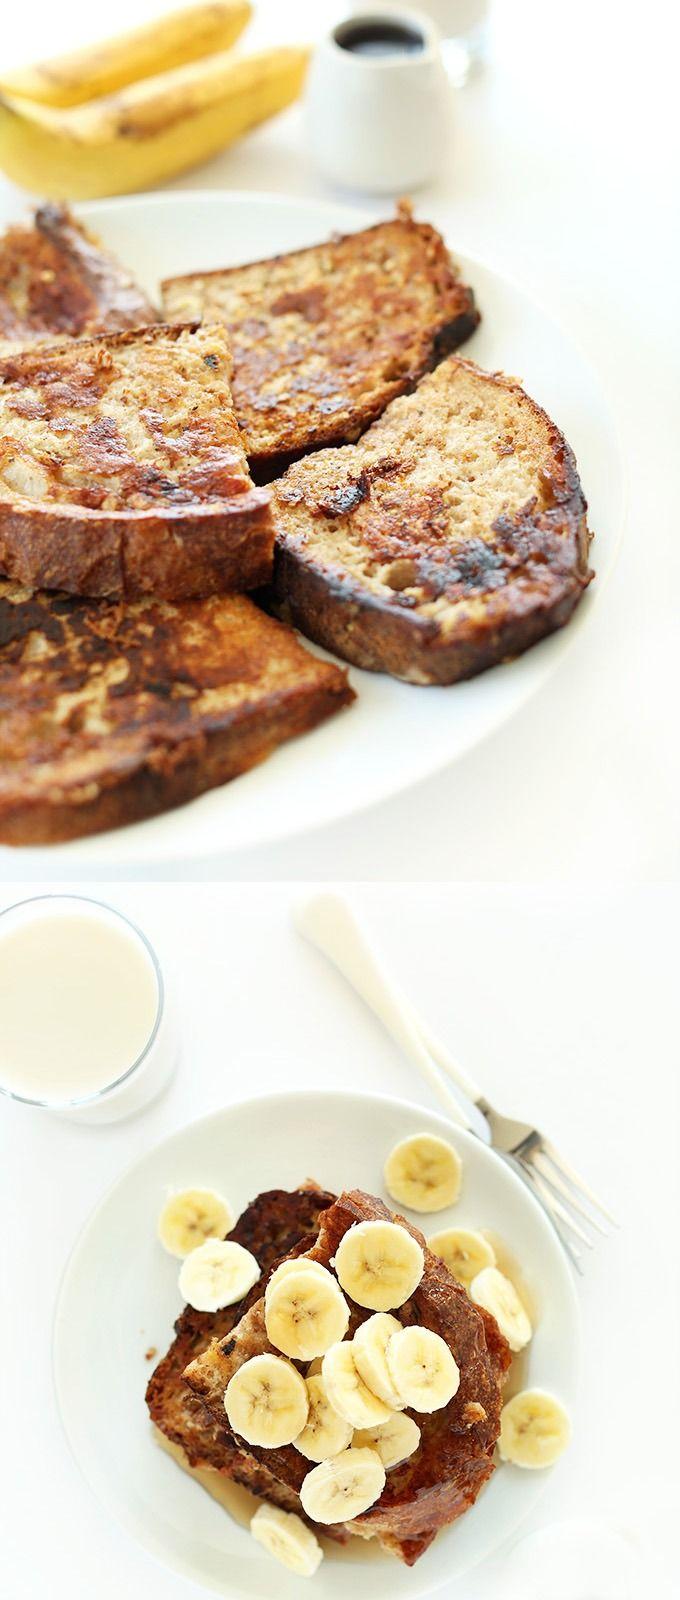 Vegan Banana French Toast Minimalist Baker Recipes Recipe Vegan Dishes Banana French Toast Vegan Breakfast Recipes